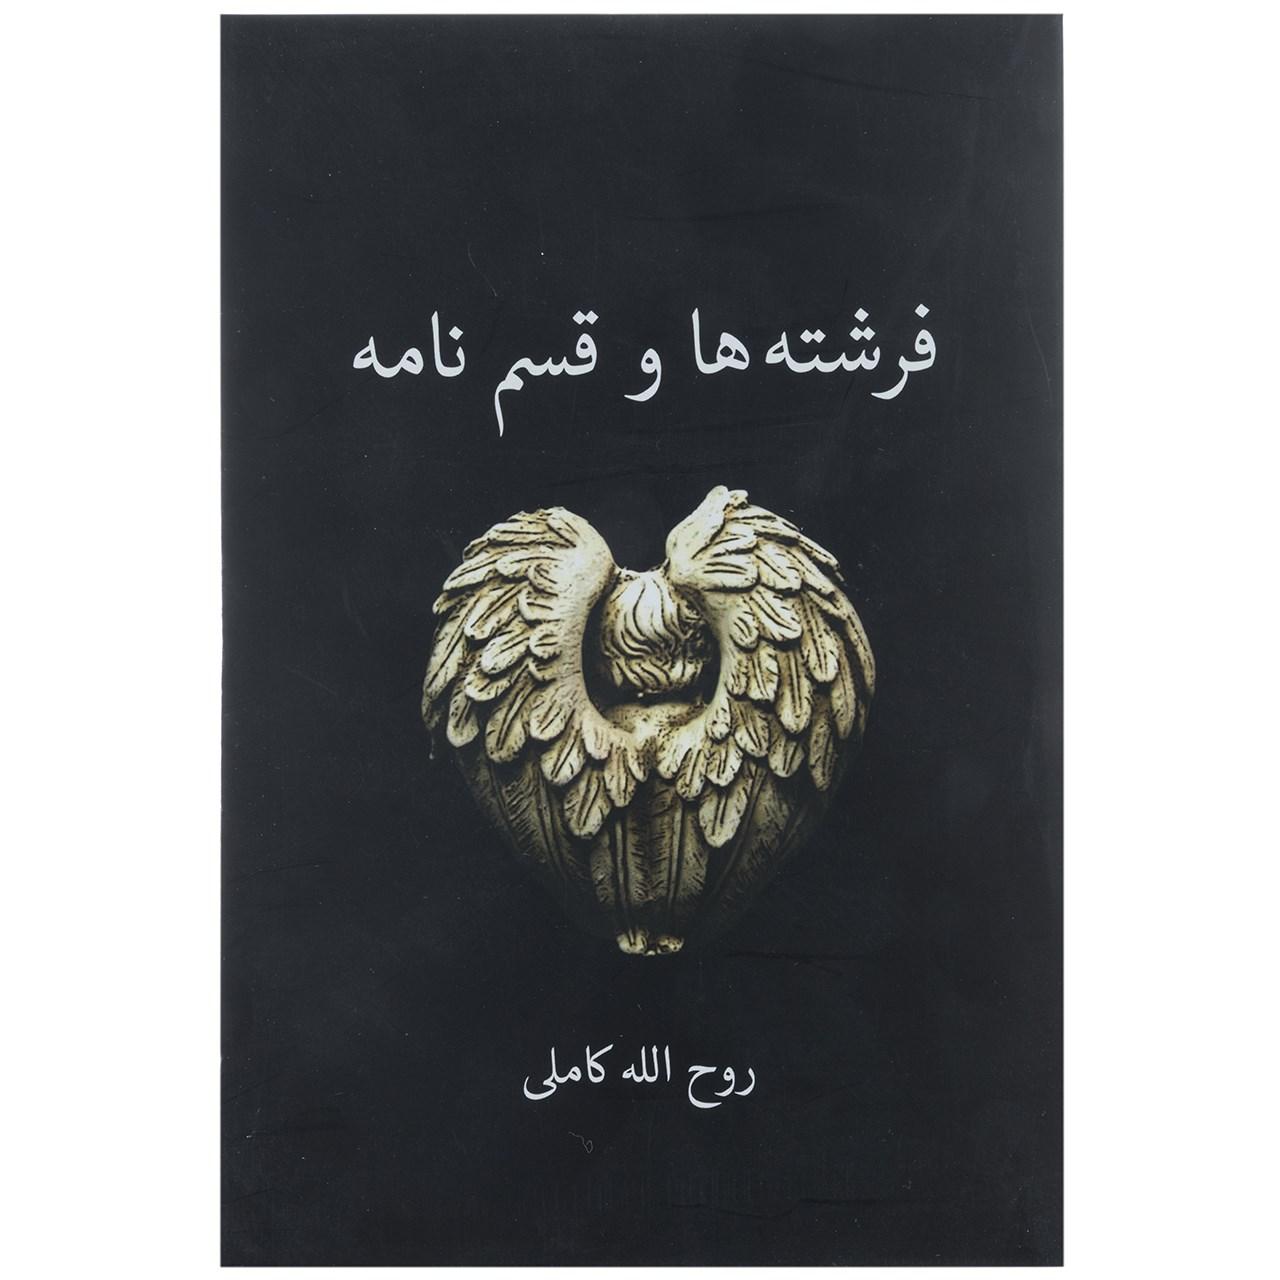 کتاب فرشته ها و قسم نامه اثر روح الله کاملی